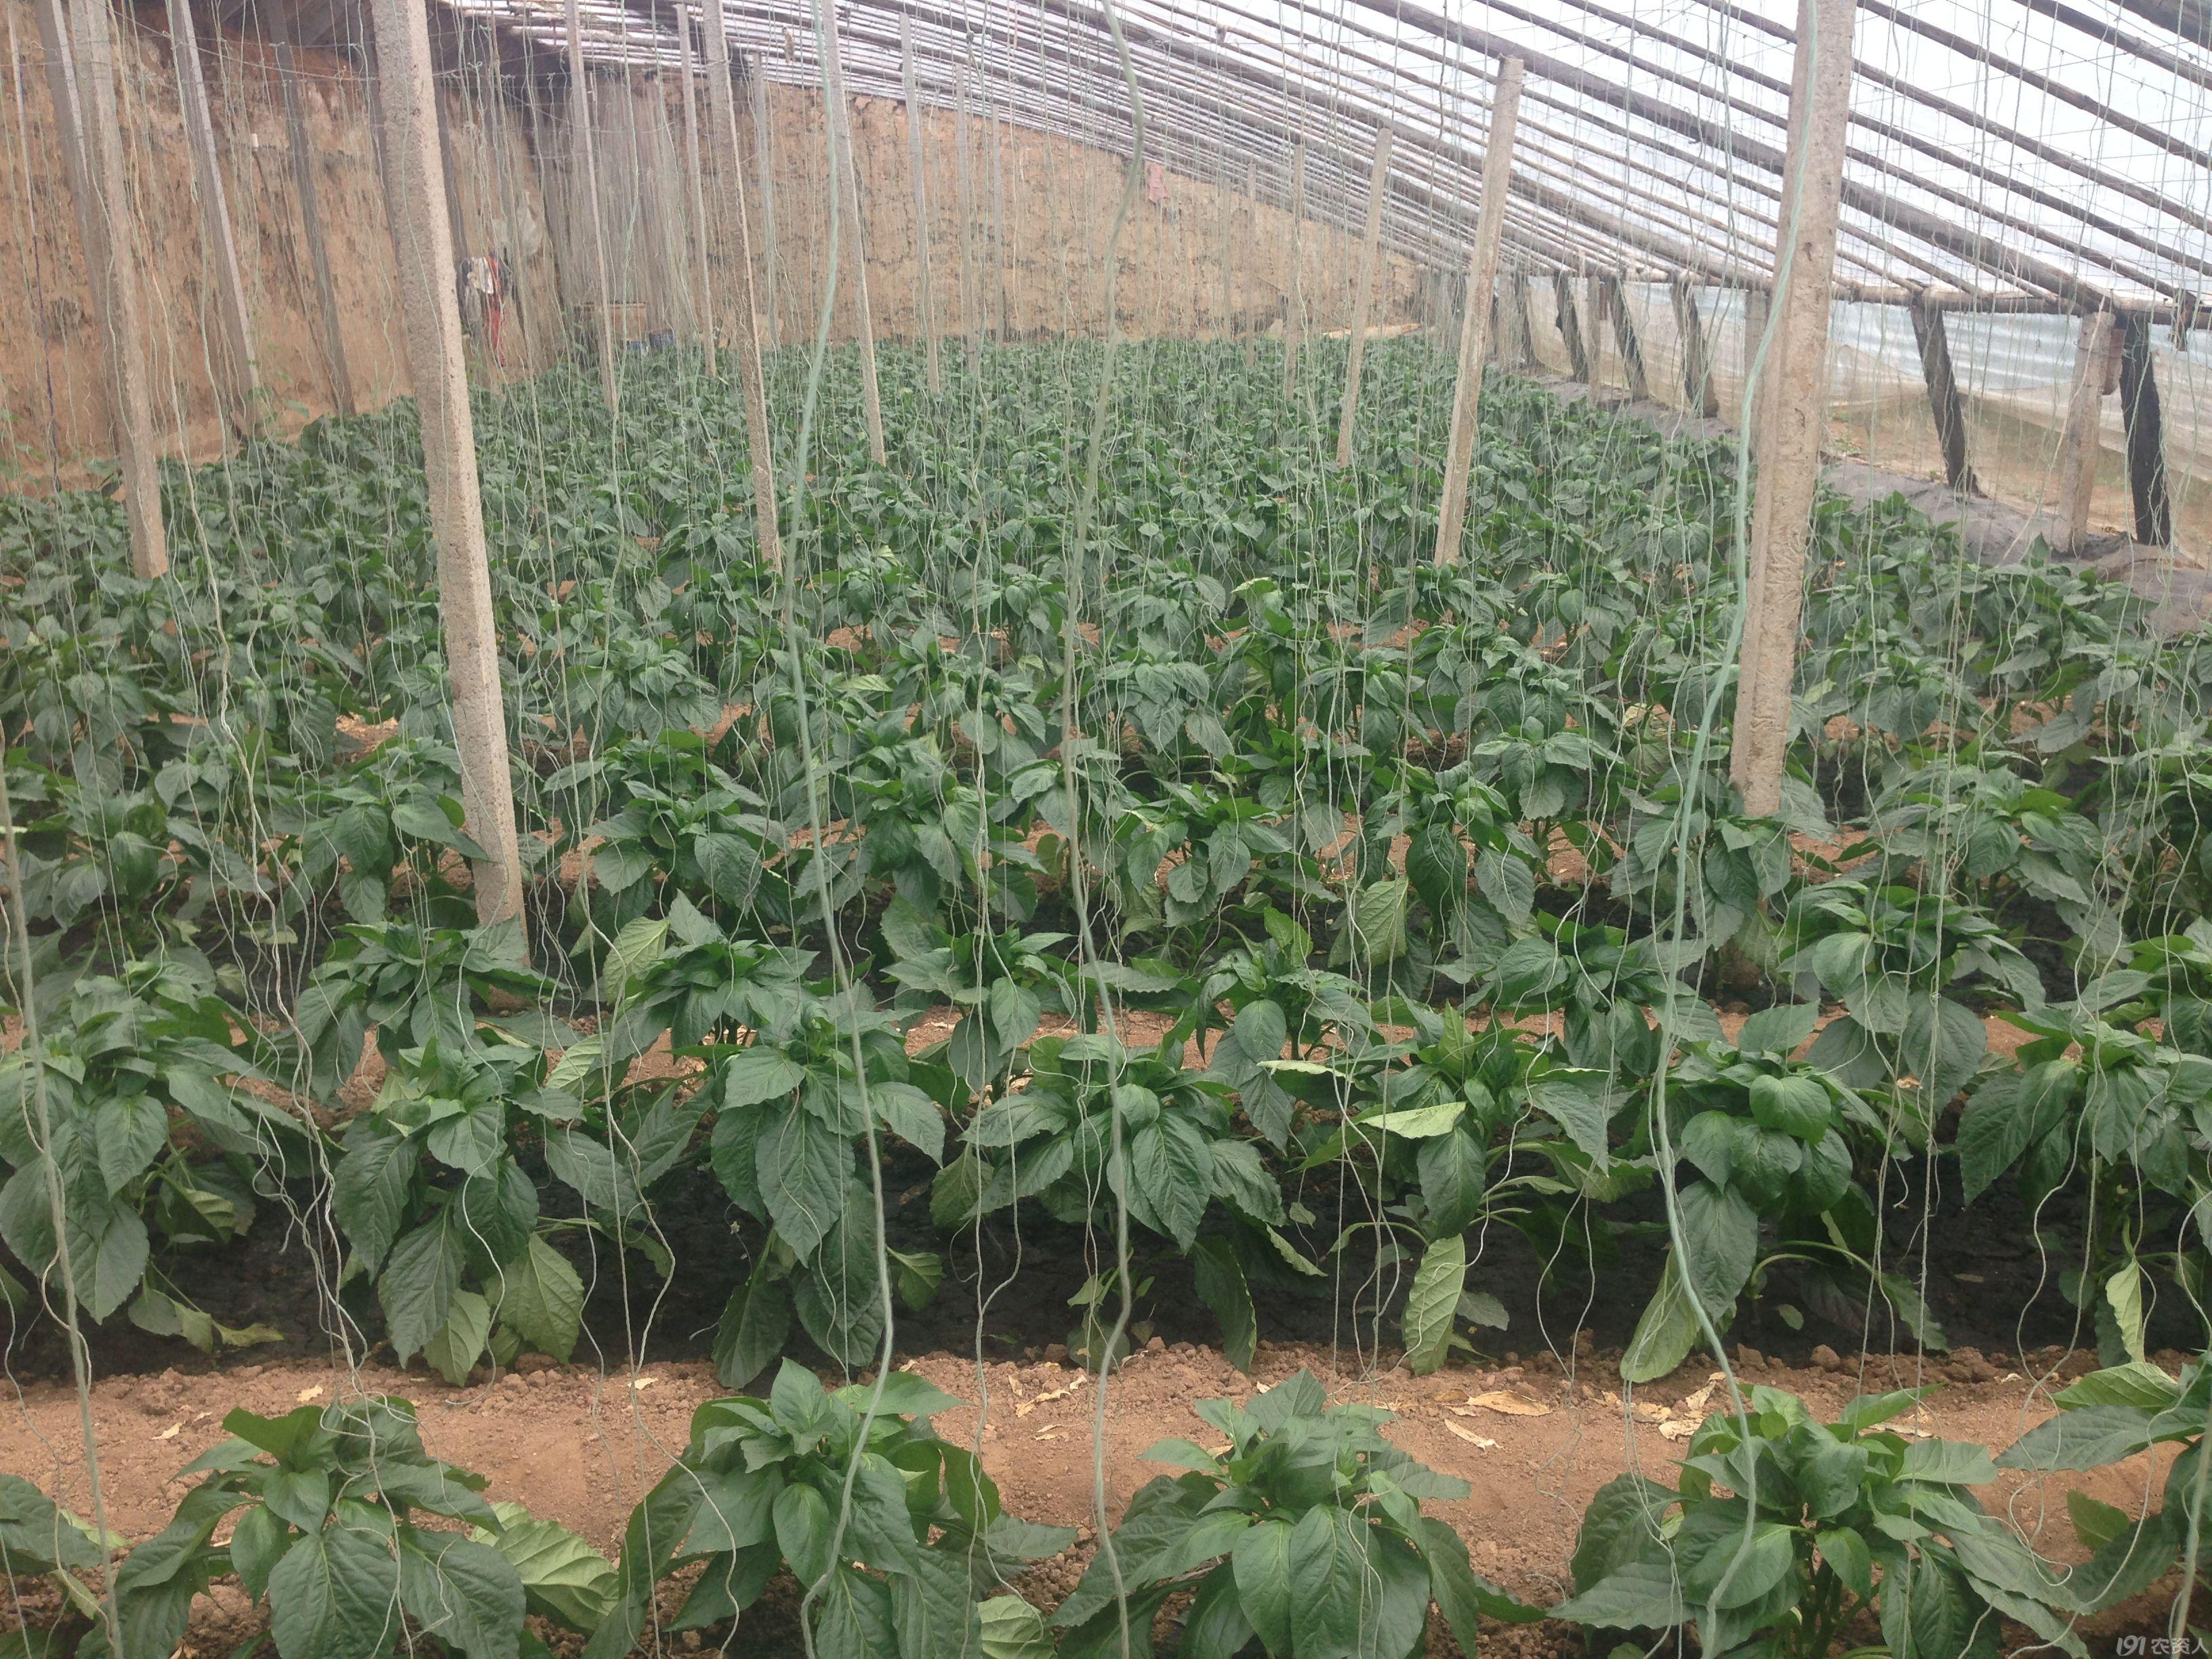 从土壤,根系,光合面积,抗逆抗病抗虫等多个方面同时保证了彩椒的正常